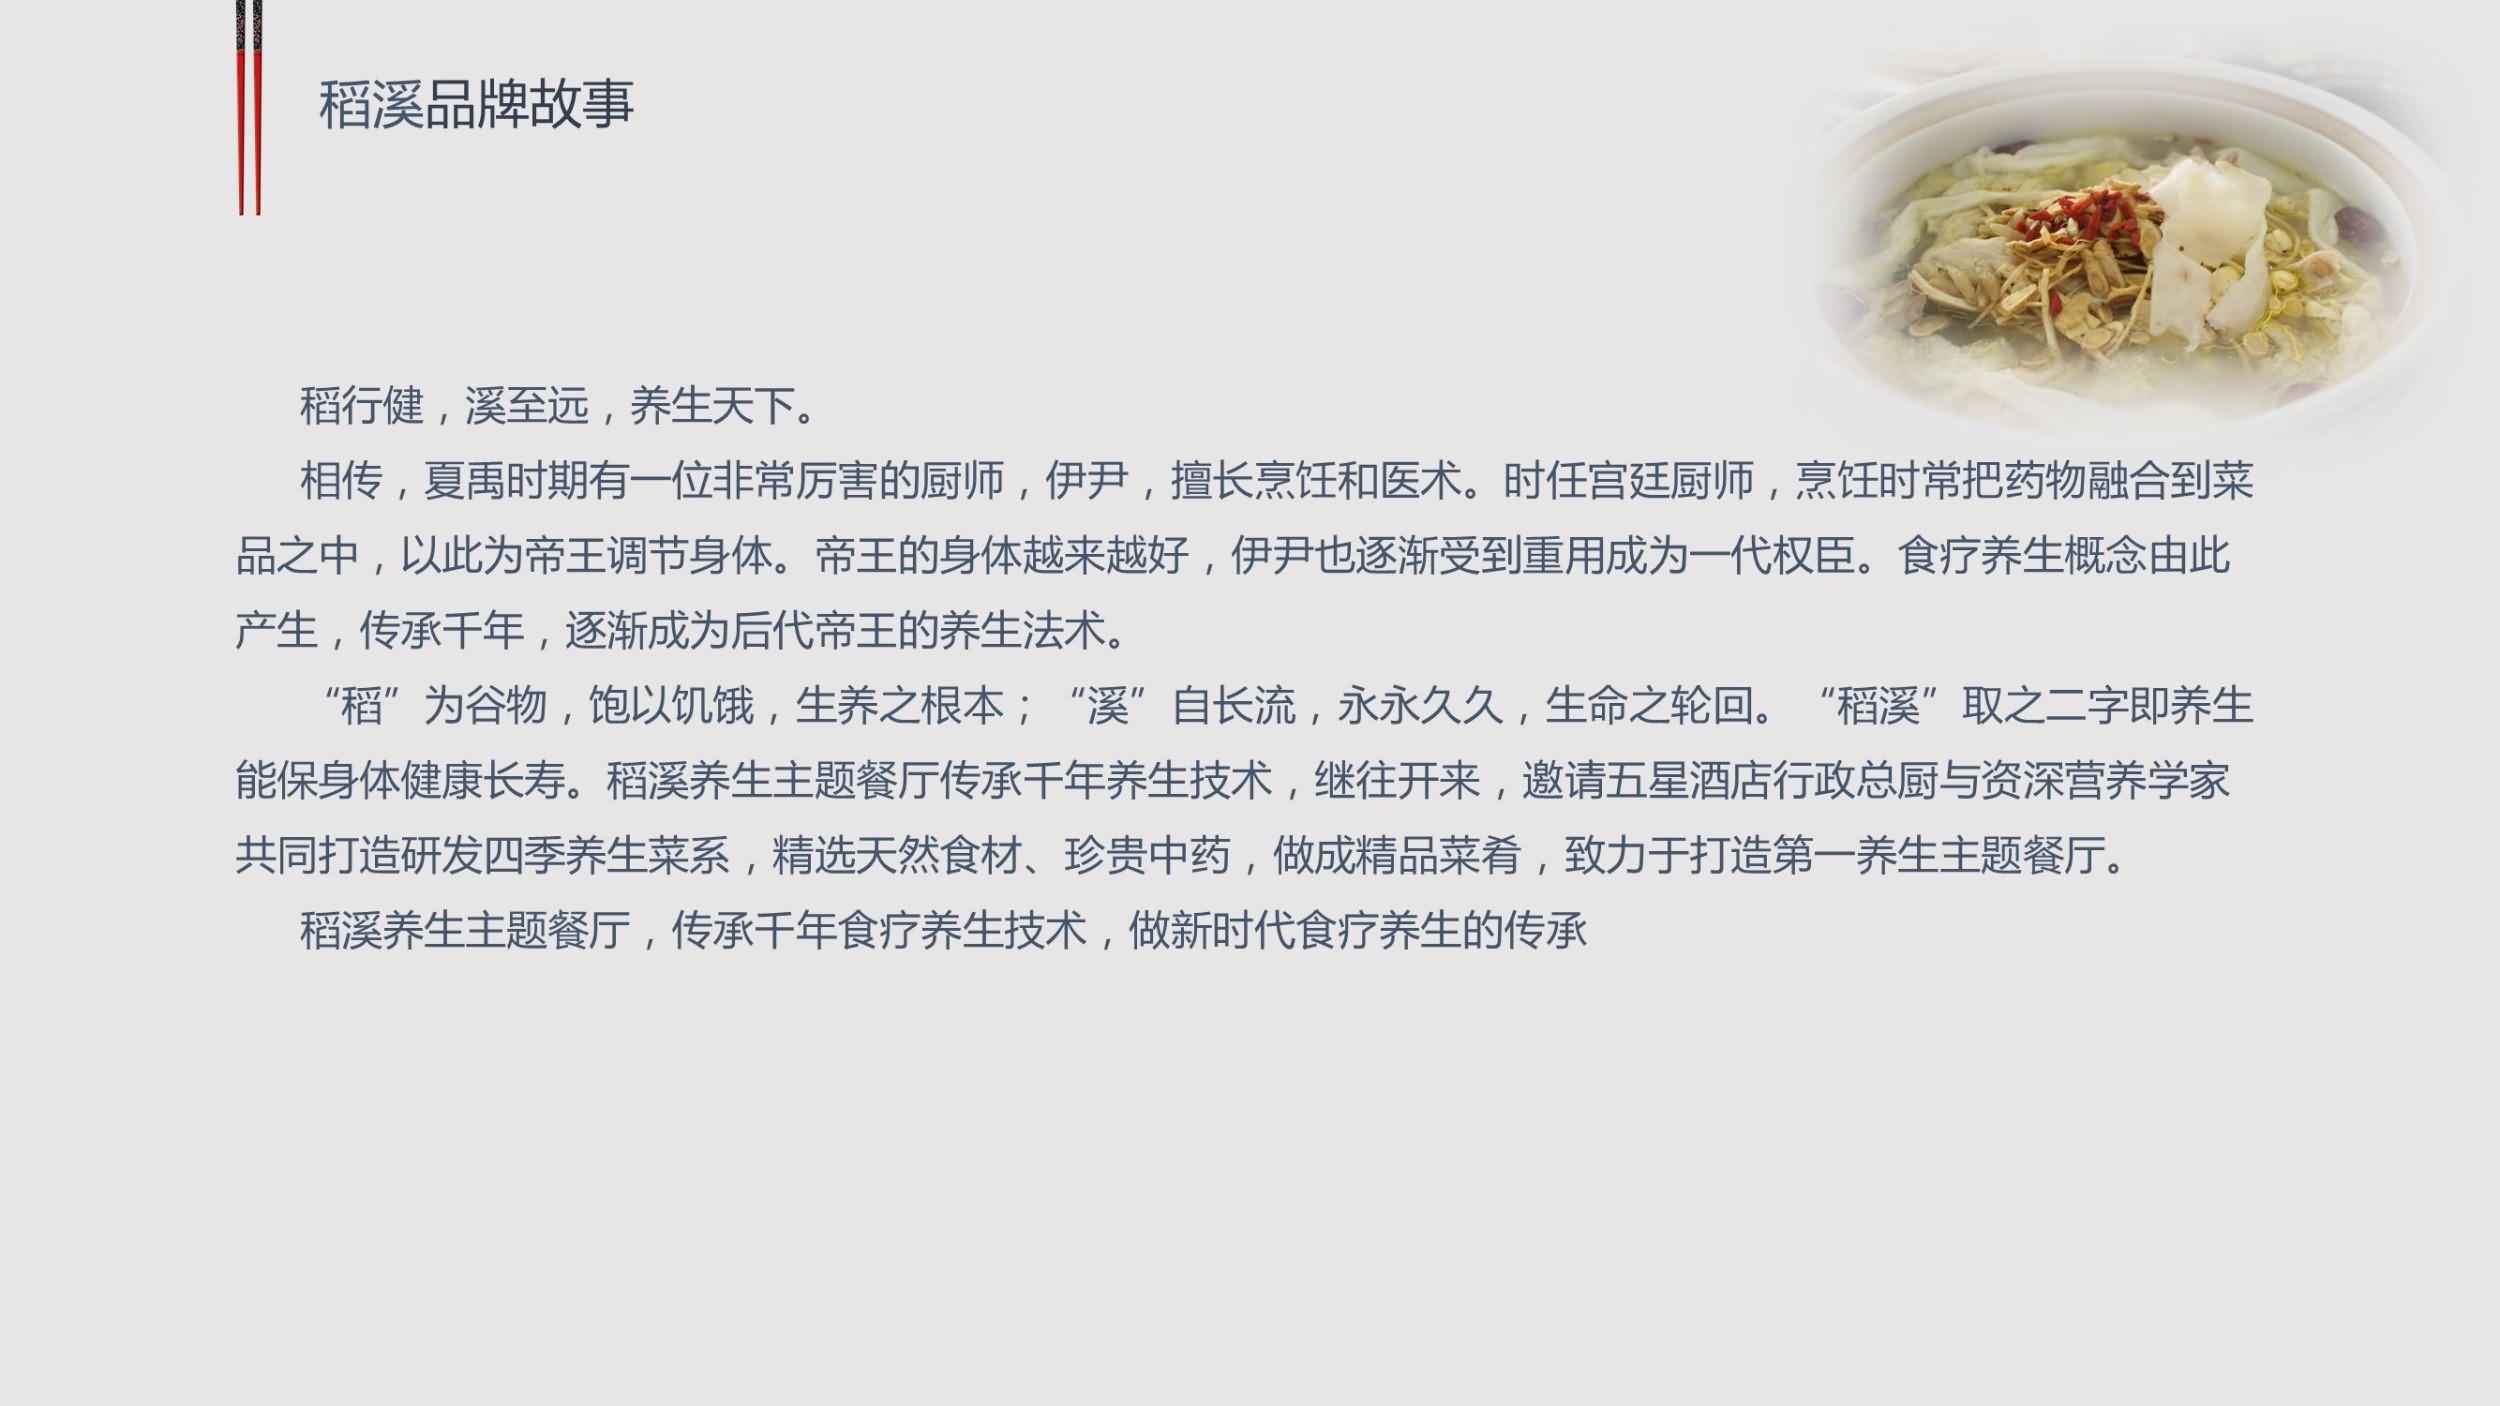 香港乐源餐饮集团有限公司24